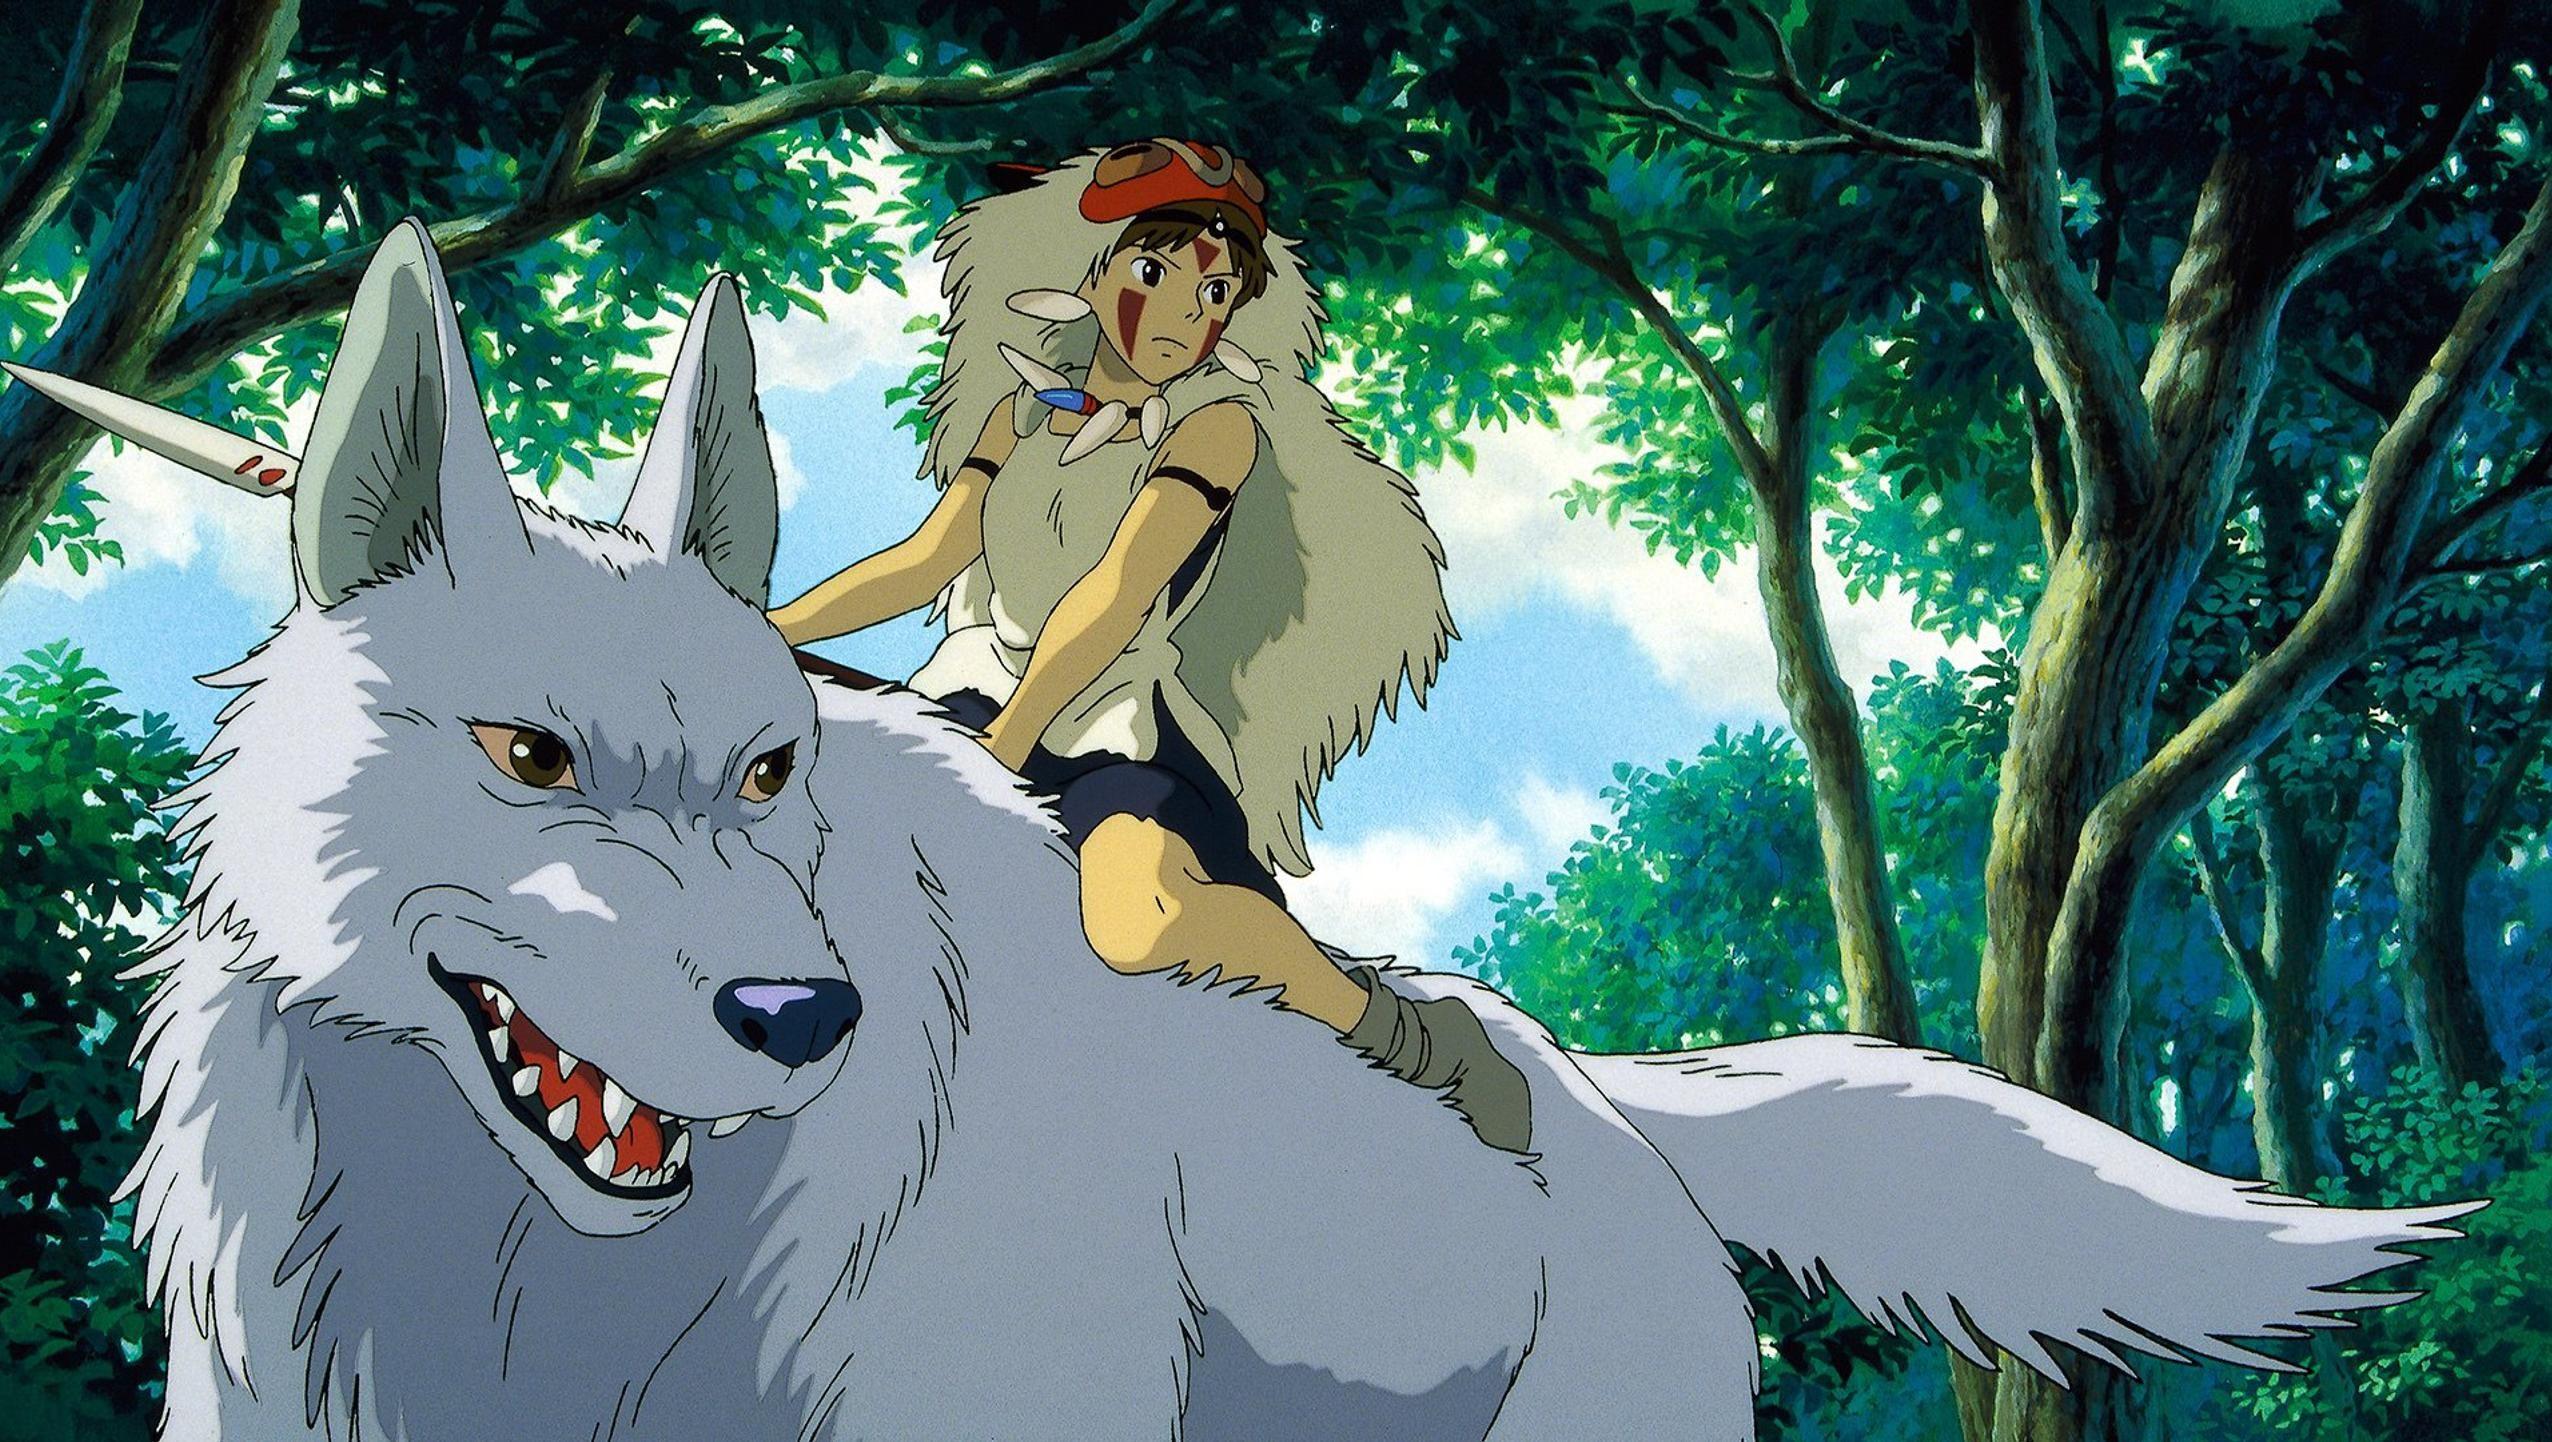 Princess Mononoke 1997 Desktop Wallpaper Moviemania Studio Ghibli Movies Studio Ghibli Studio Ghibli Art